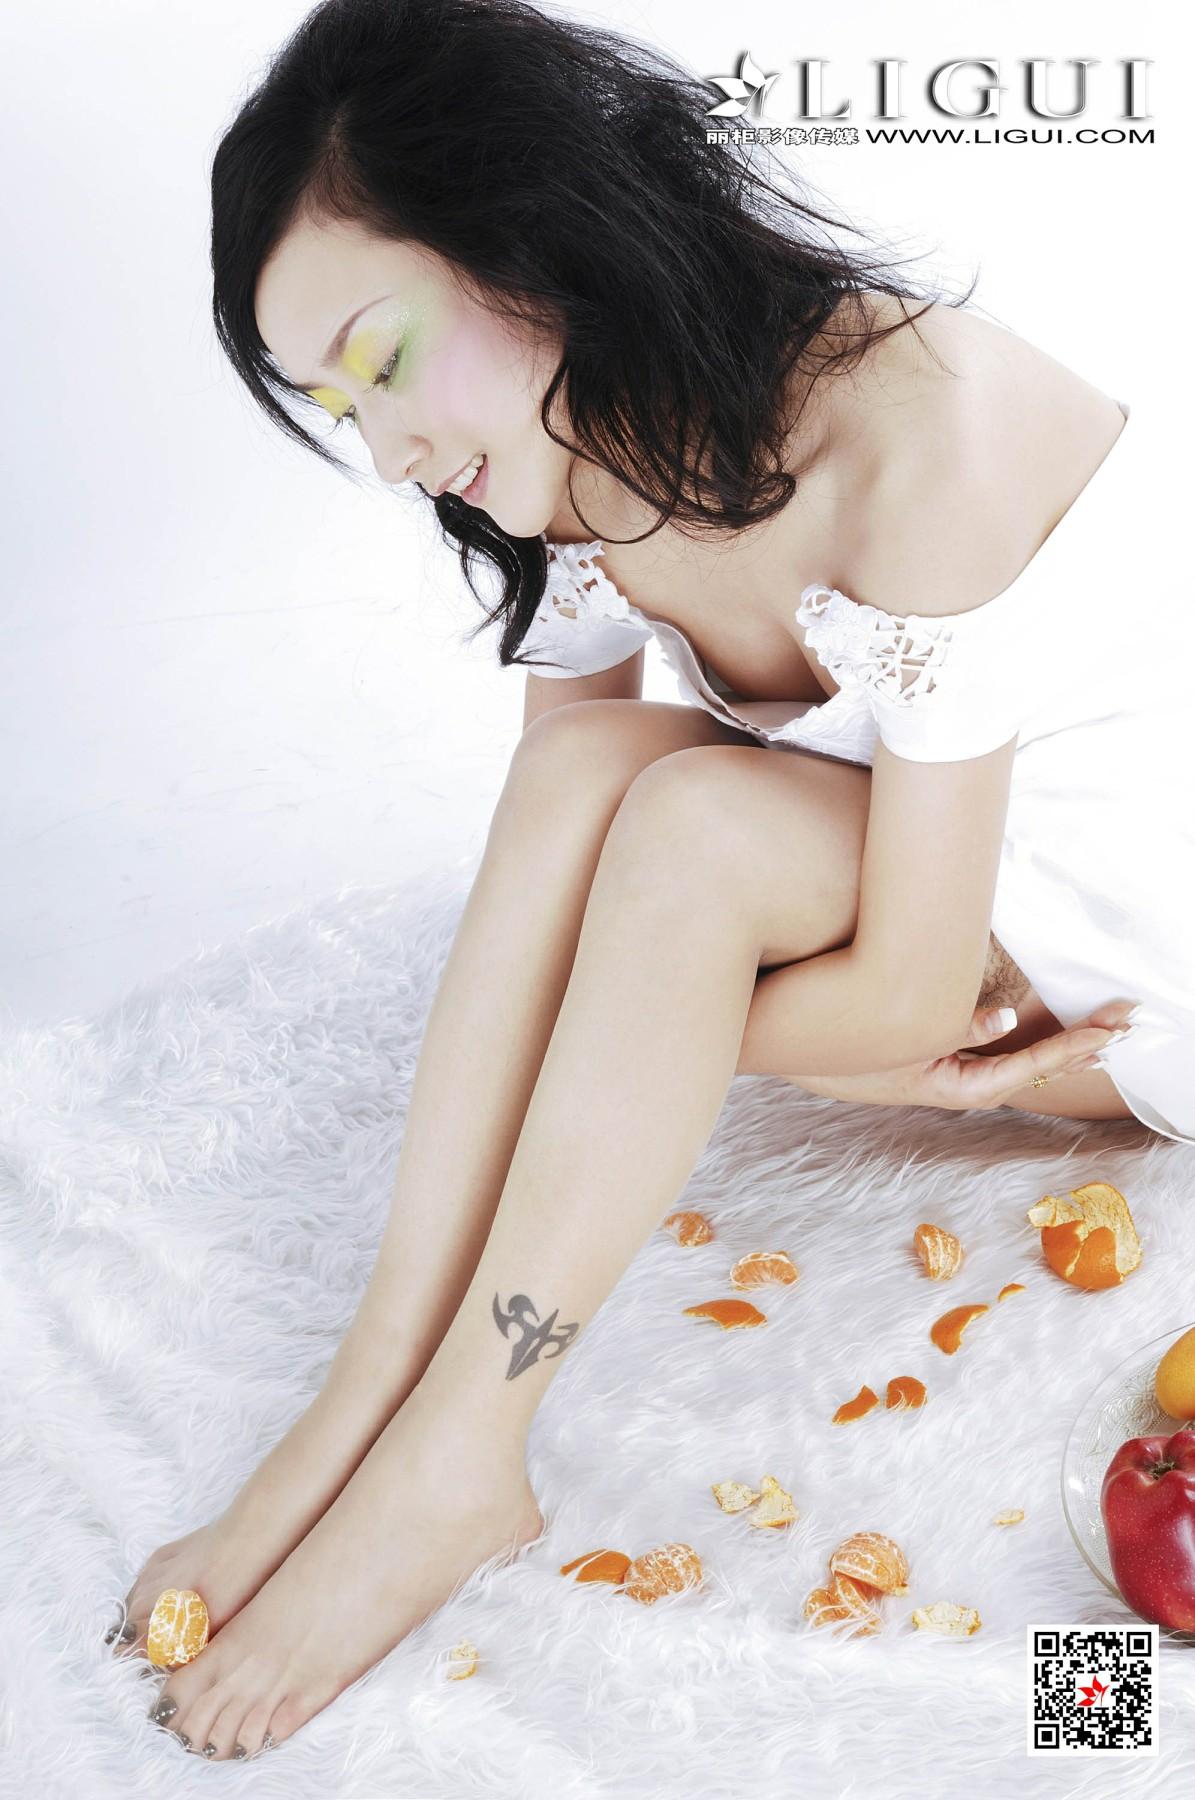 [Ligui丽柜]2020.02.14 网络丽人 Model 雪儿[51P] Ligui丽柜 第3张